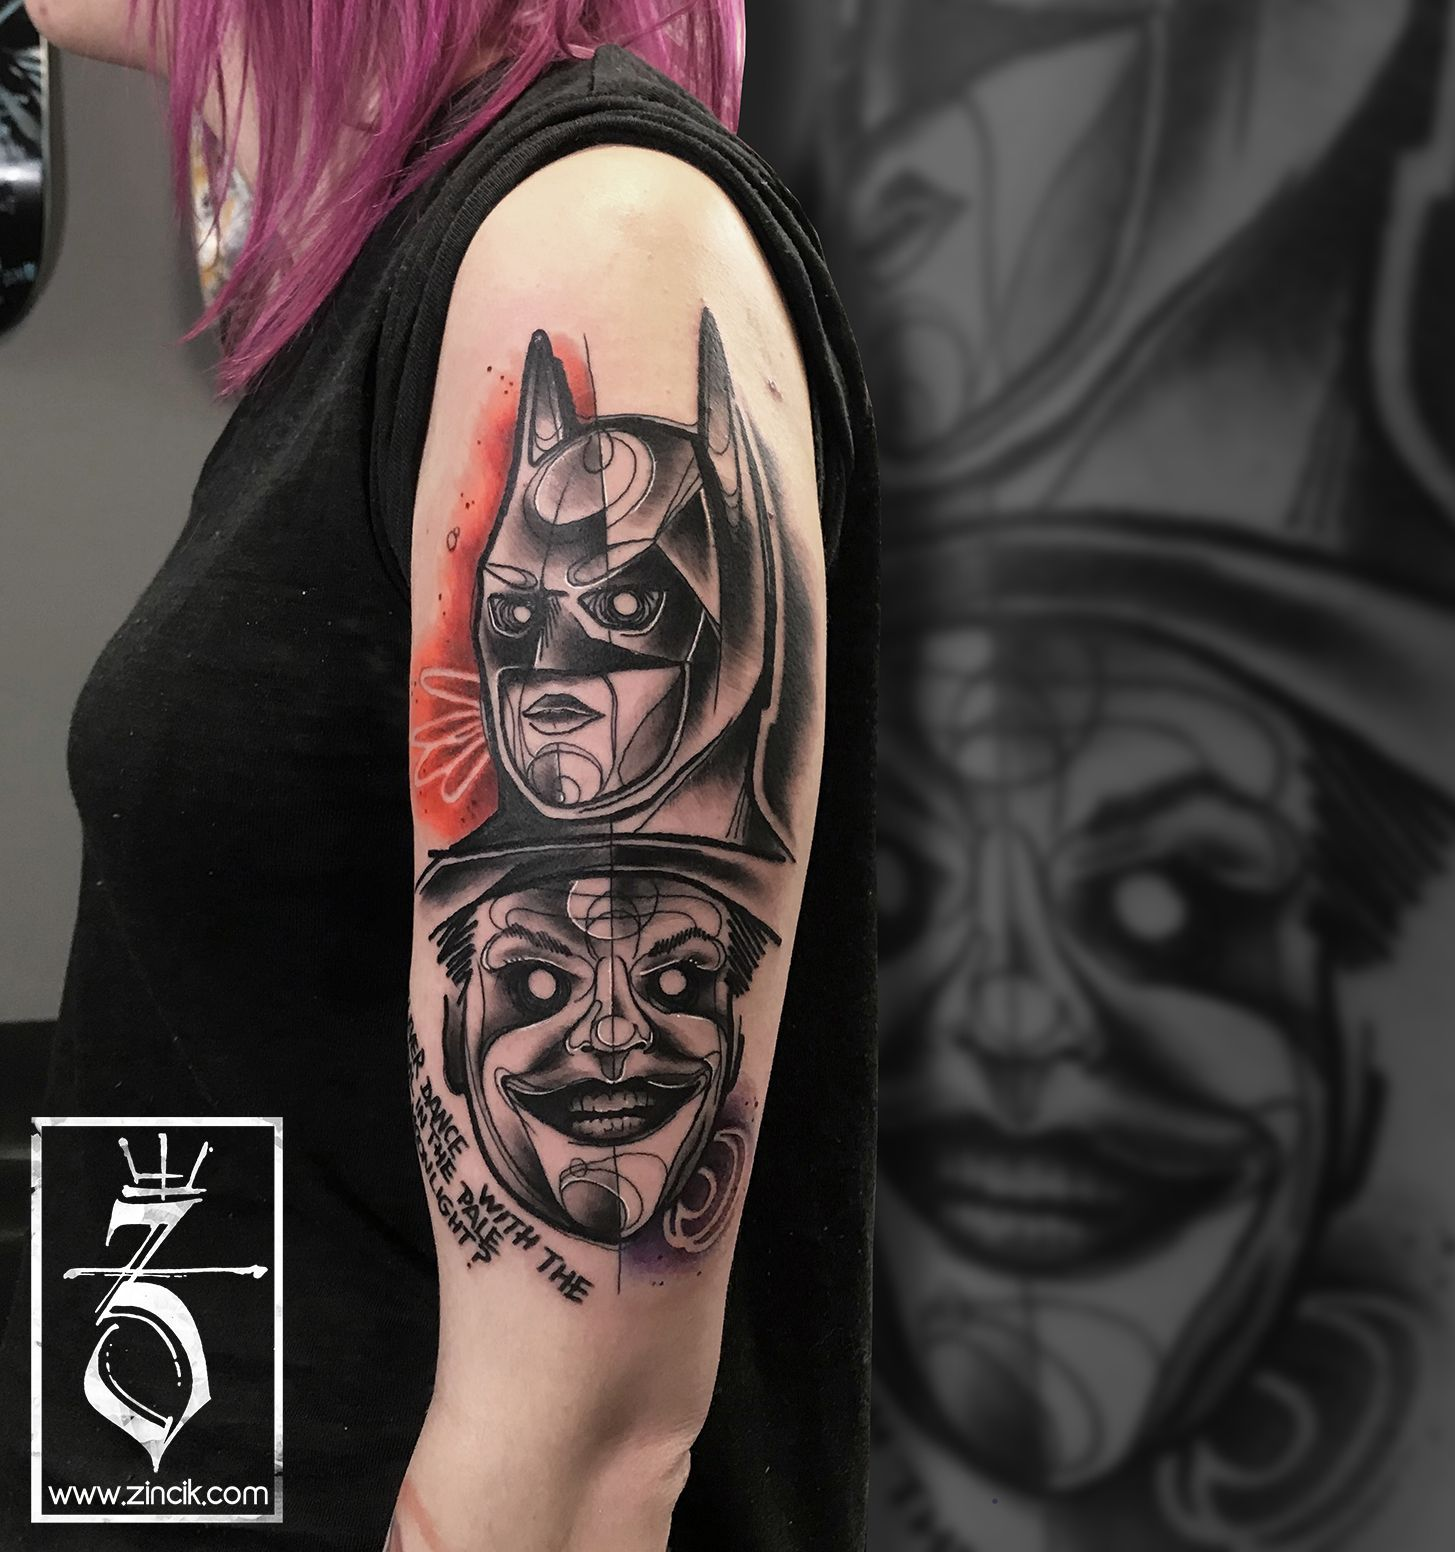 Tattoo Zincik Czech Tattoo Artist Batman And Joker Abstract